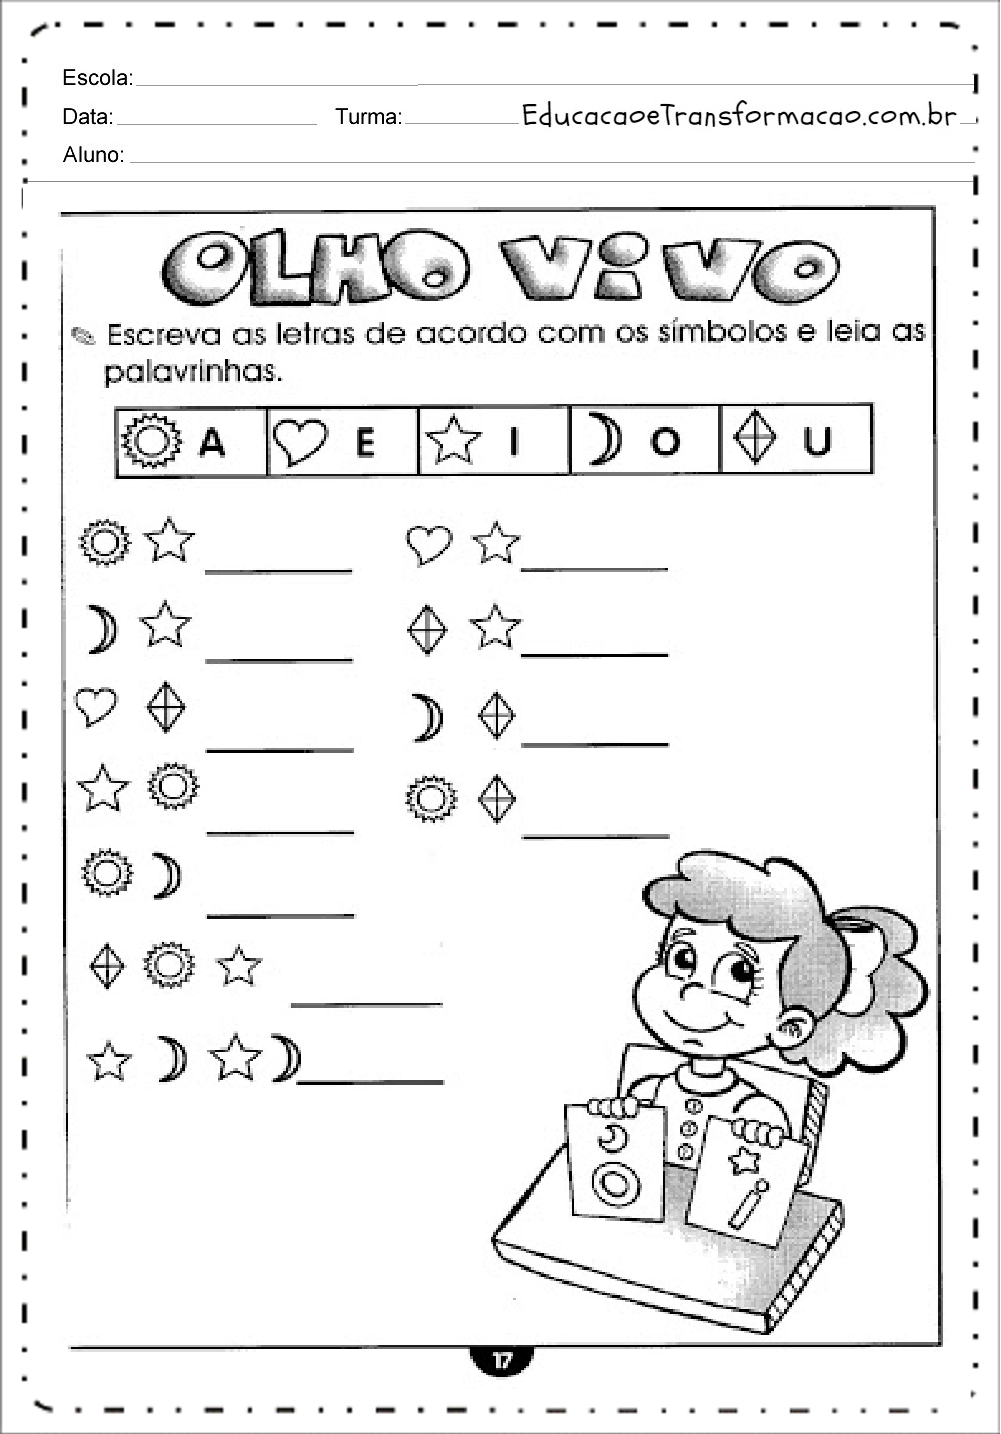 Amado Atividades de Alfabetização Educativas para imprimir gratuitamente. WM22